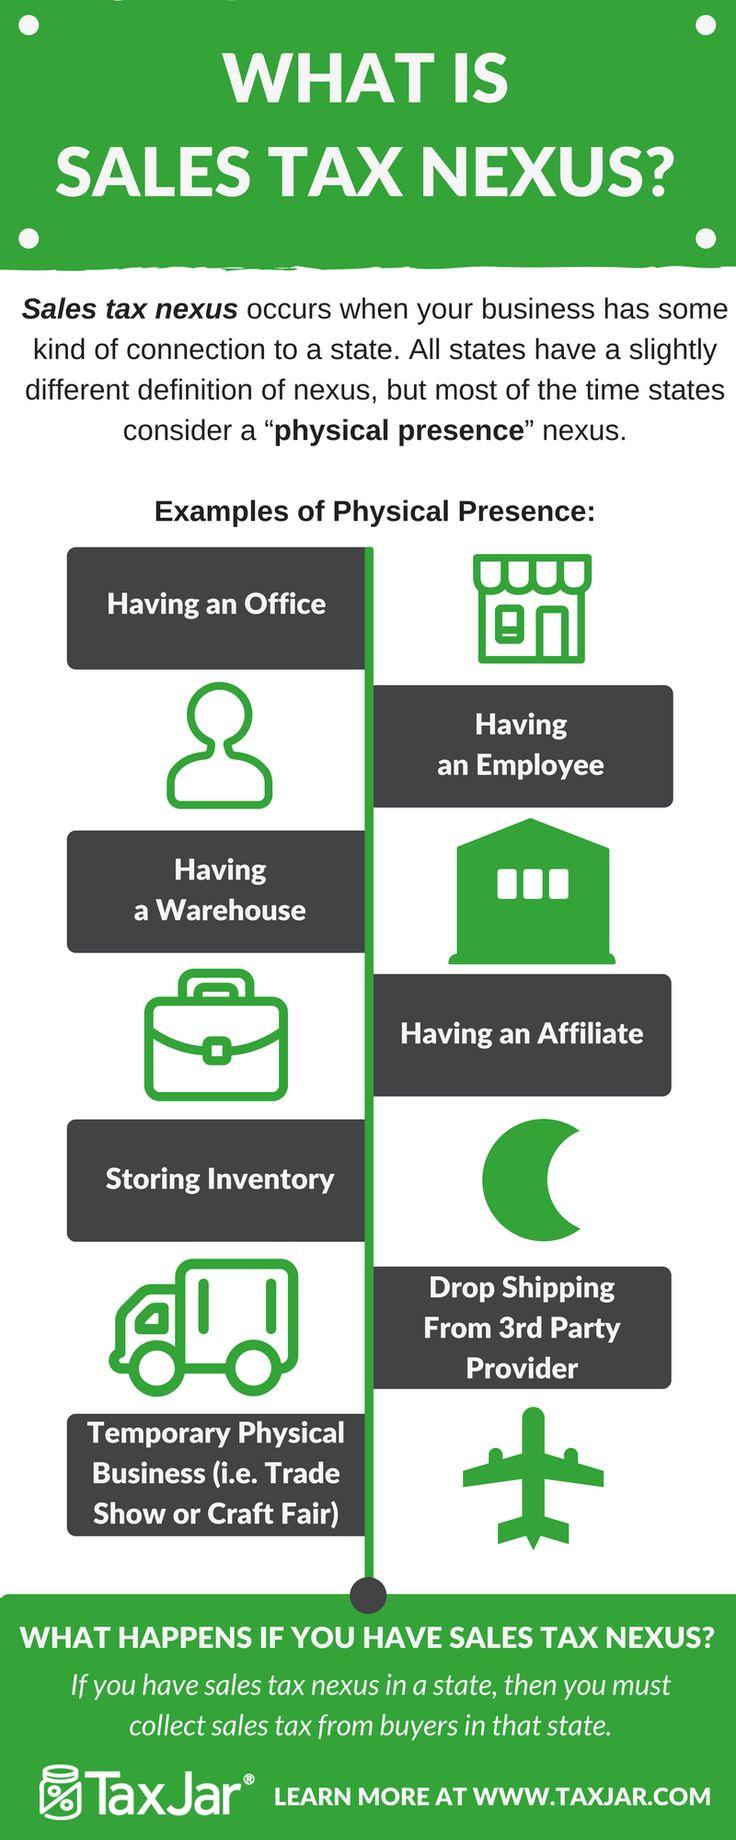 Sales tax nexus is the key to unlocking sales tax.